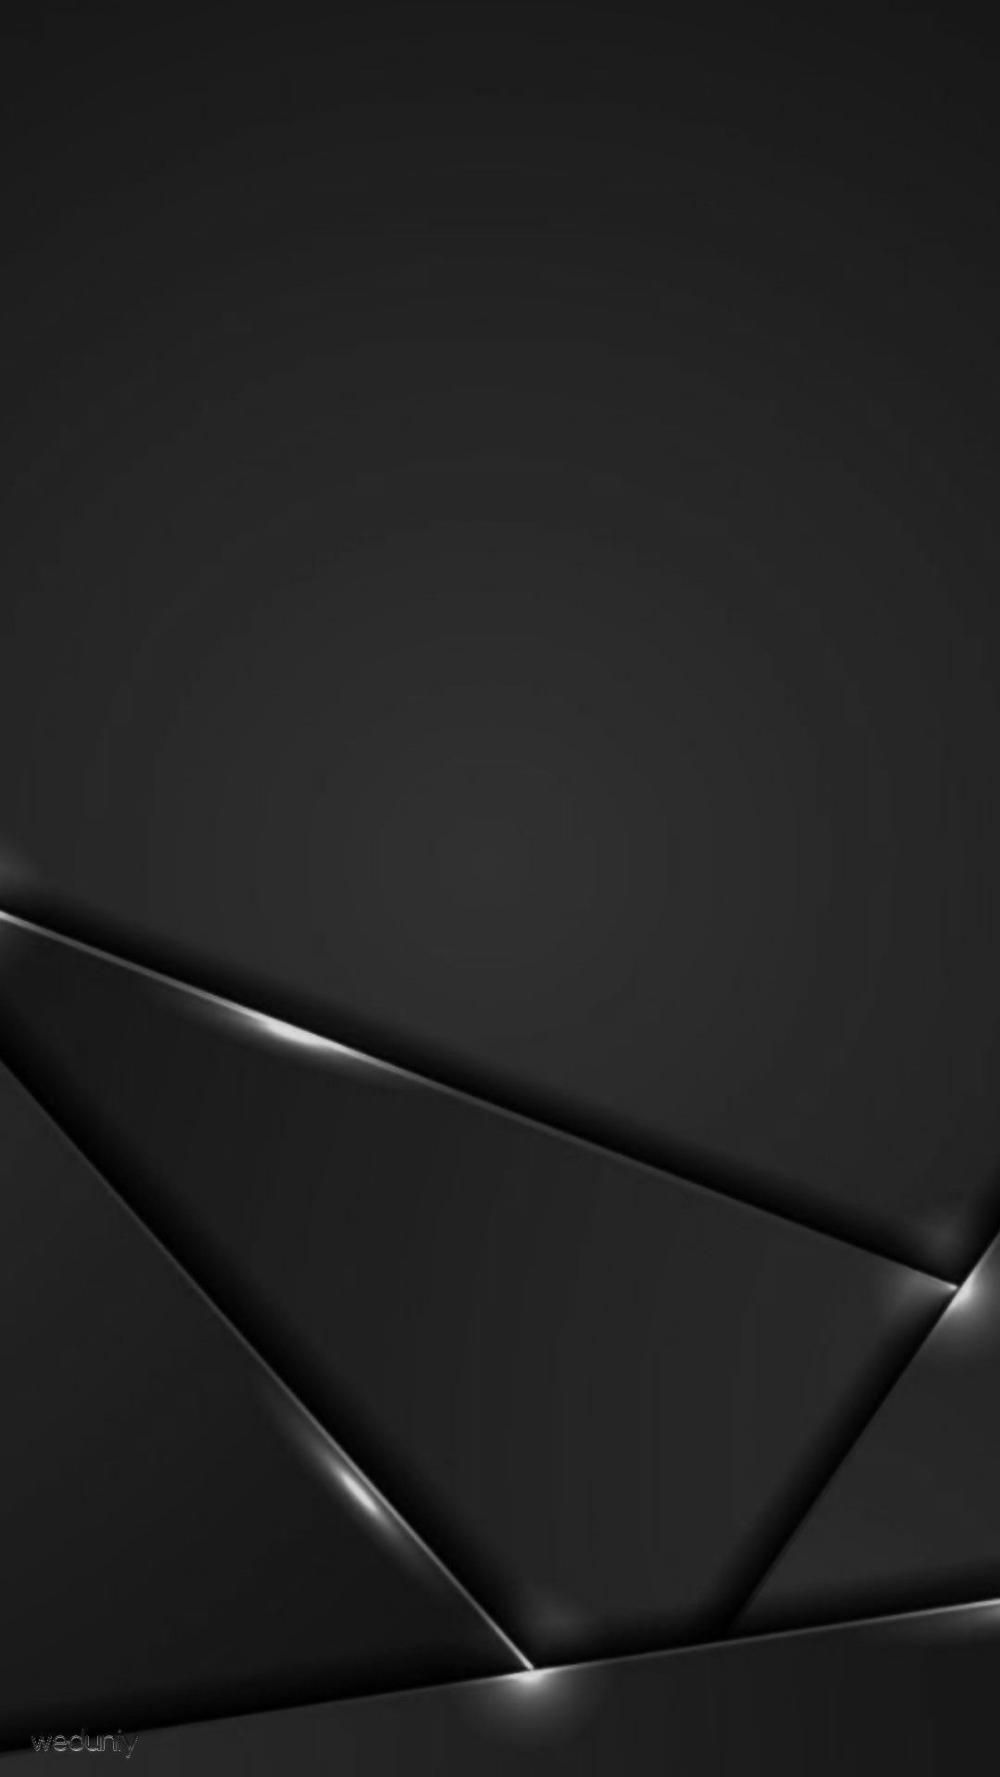 Dark 3d Mobile Wallpapers - Wallpaper Cave